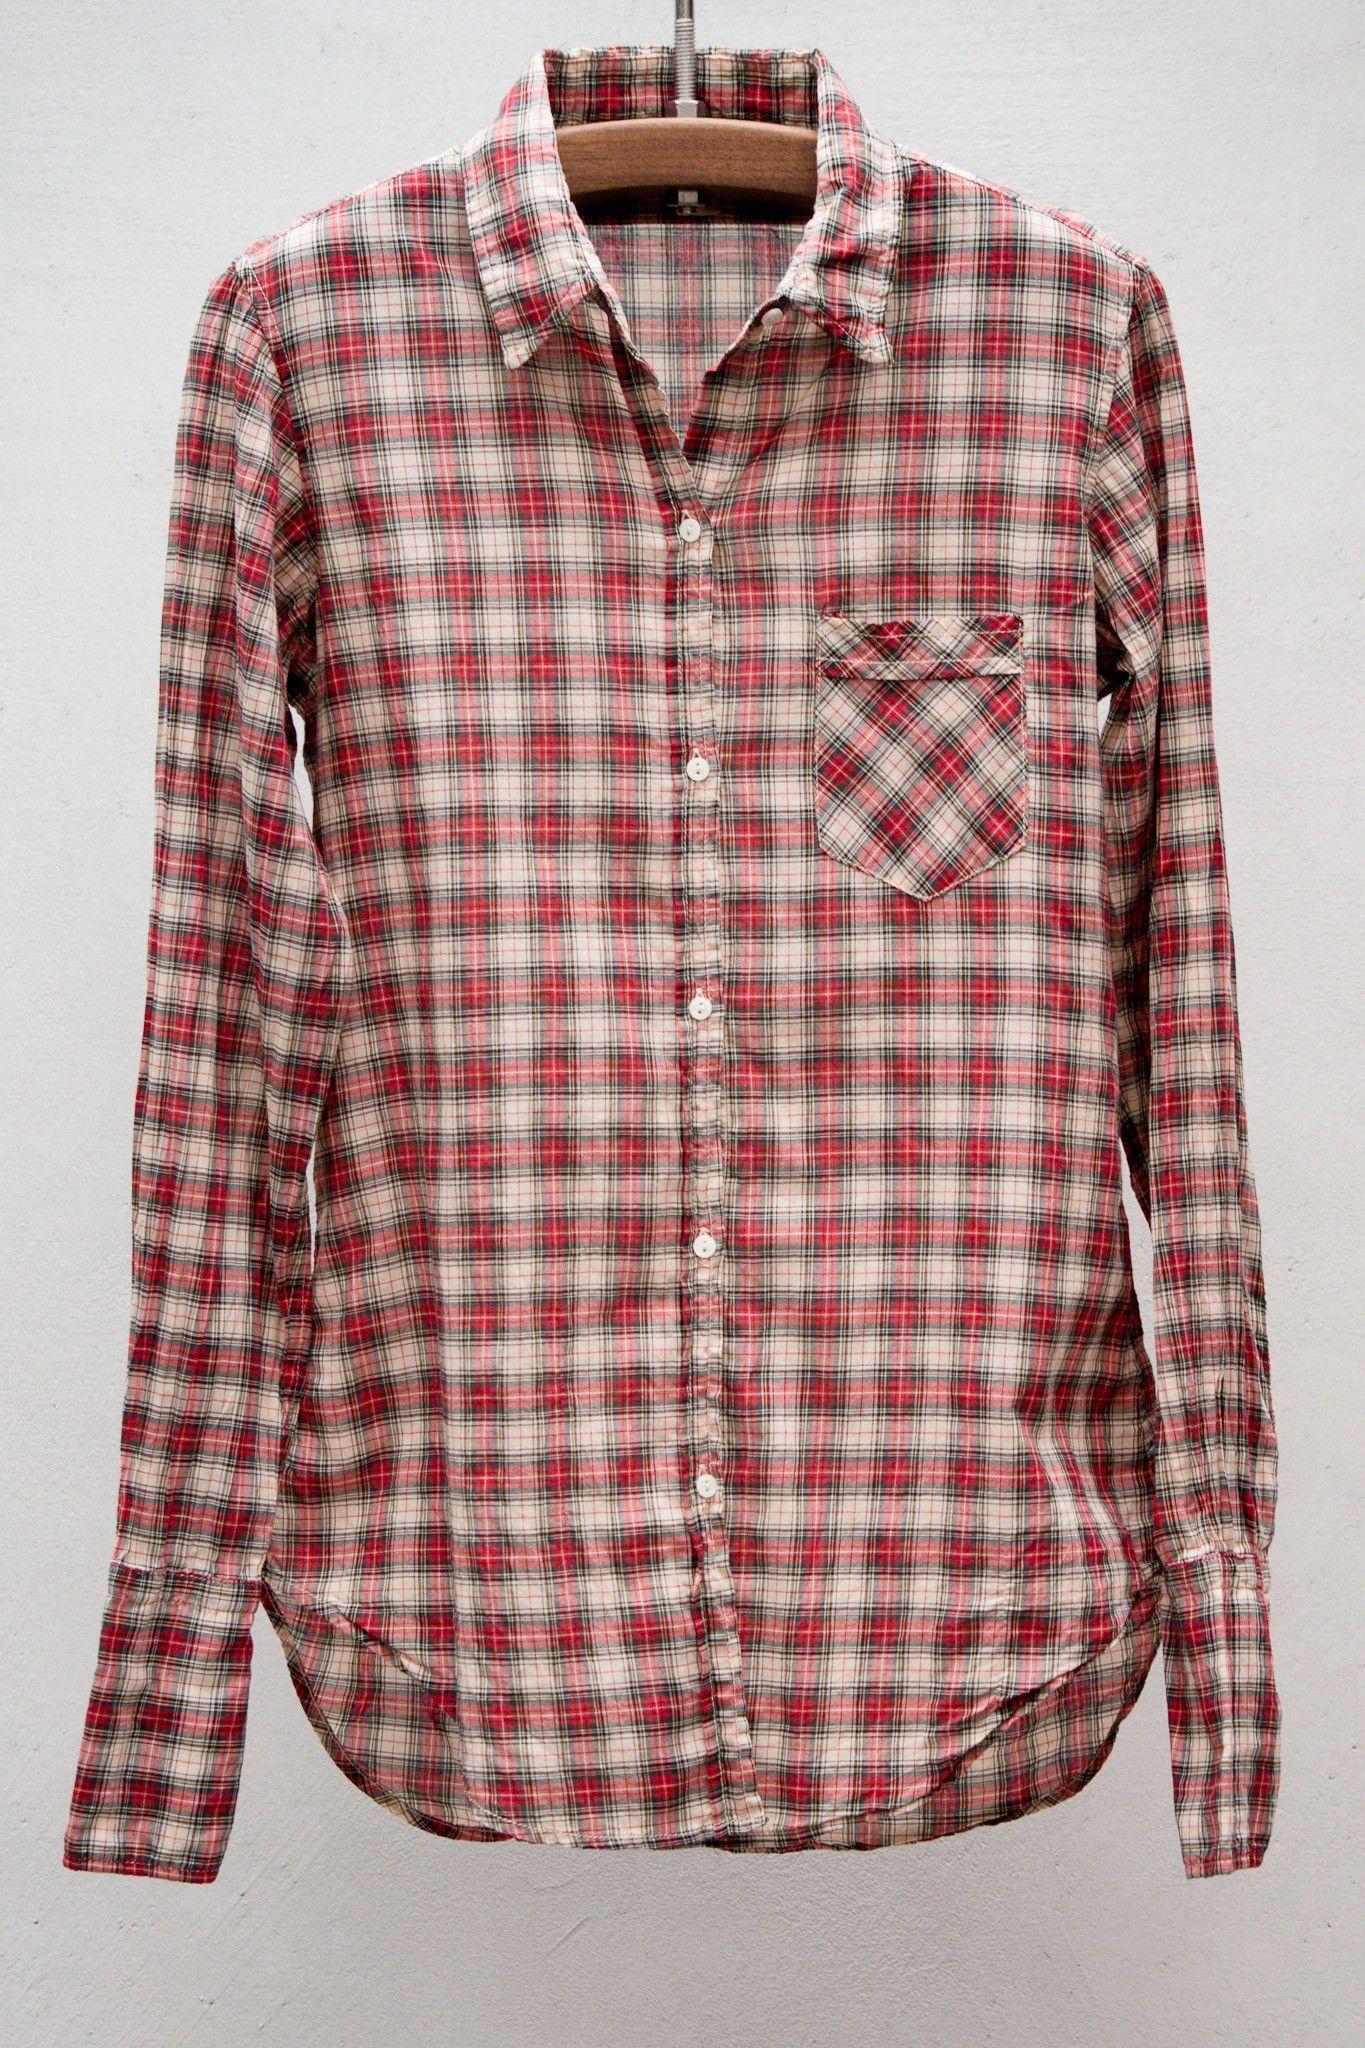 Flannel shirt with shorts men  Shirt u Red Plaid  Apparel  Pinterest  Red plaid Plaid and Nili